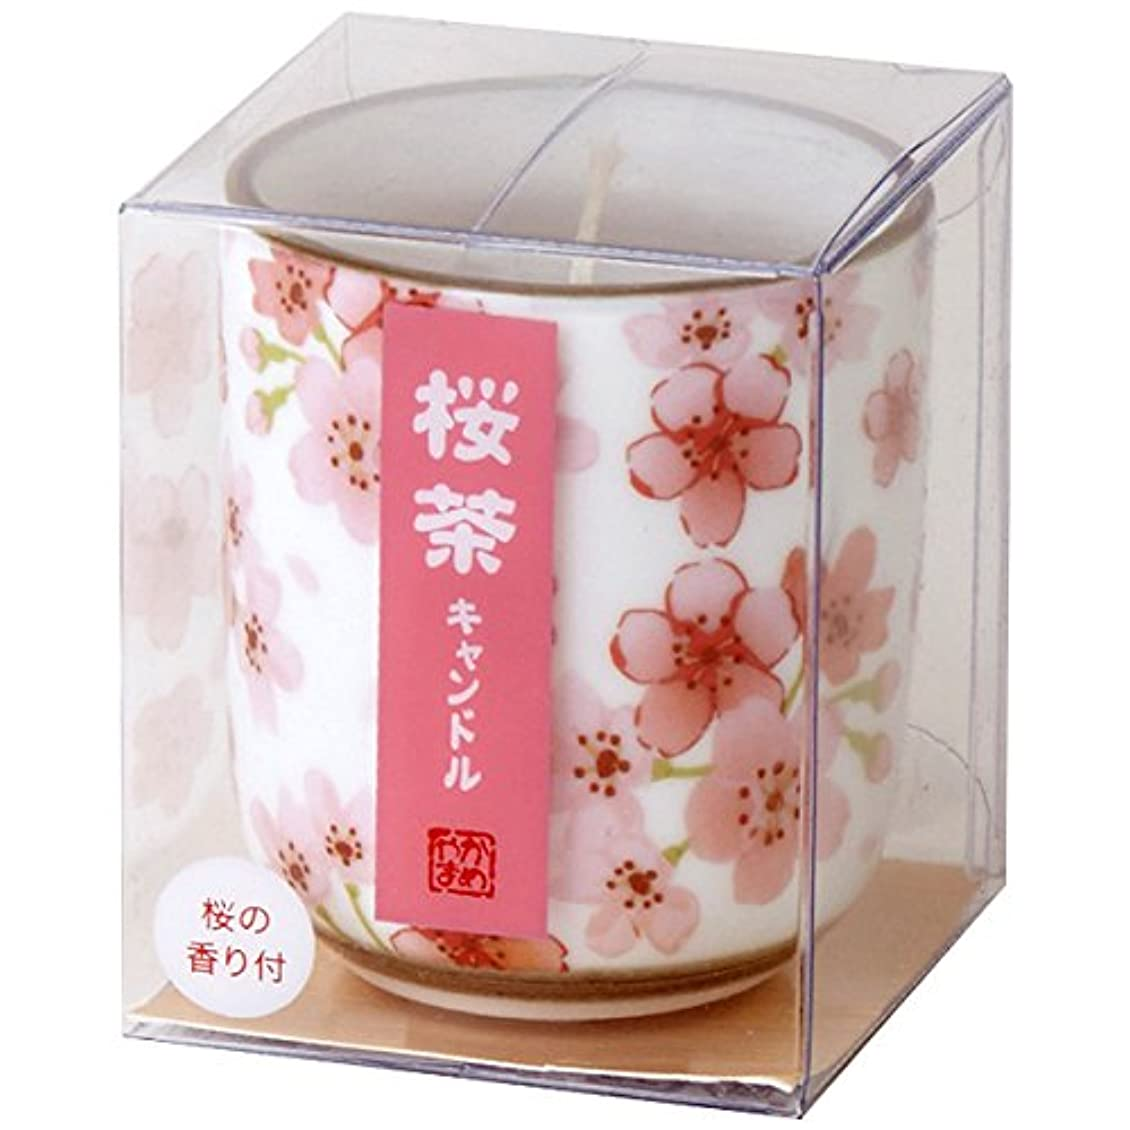 ポジティブサスティーン文字通り桜茶キャンドル(小) 86580010